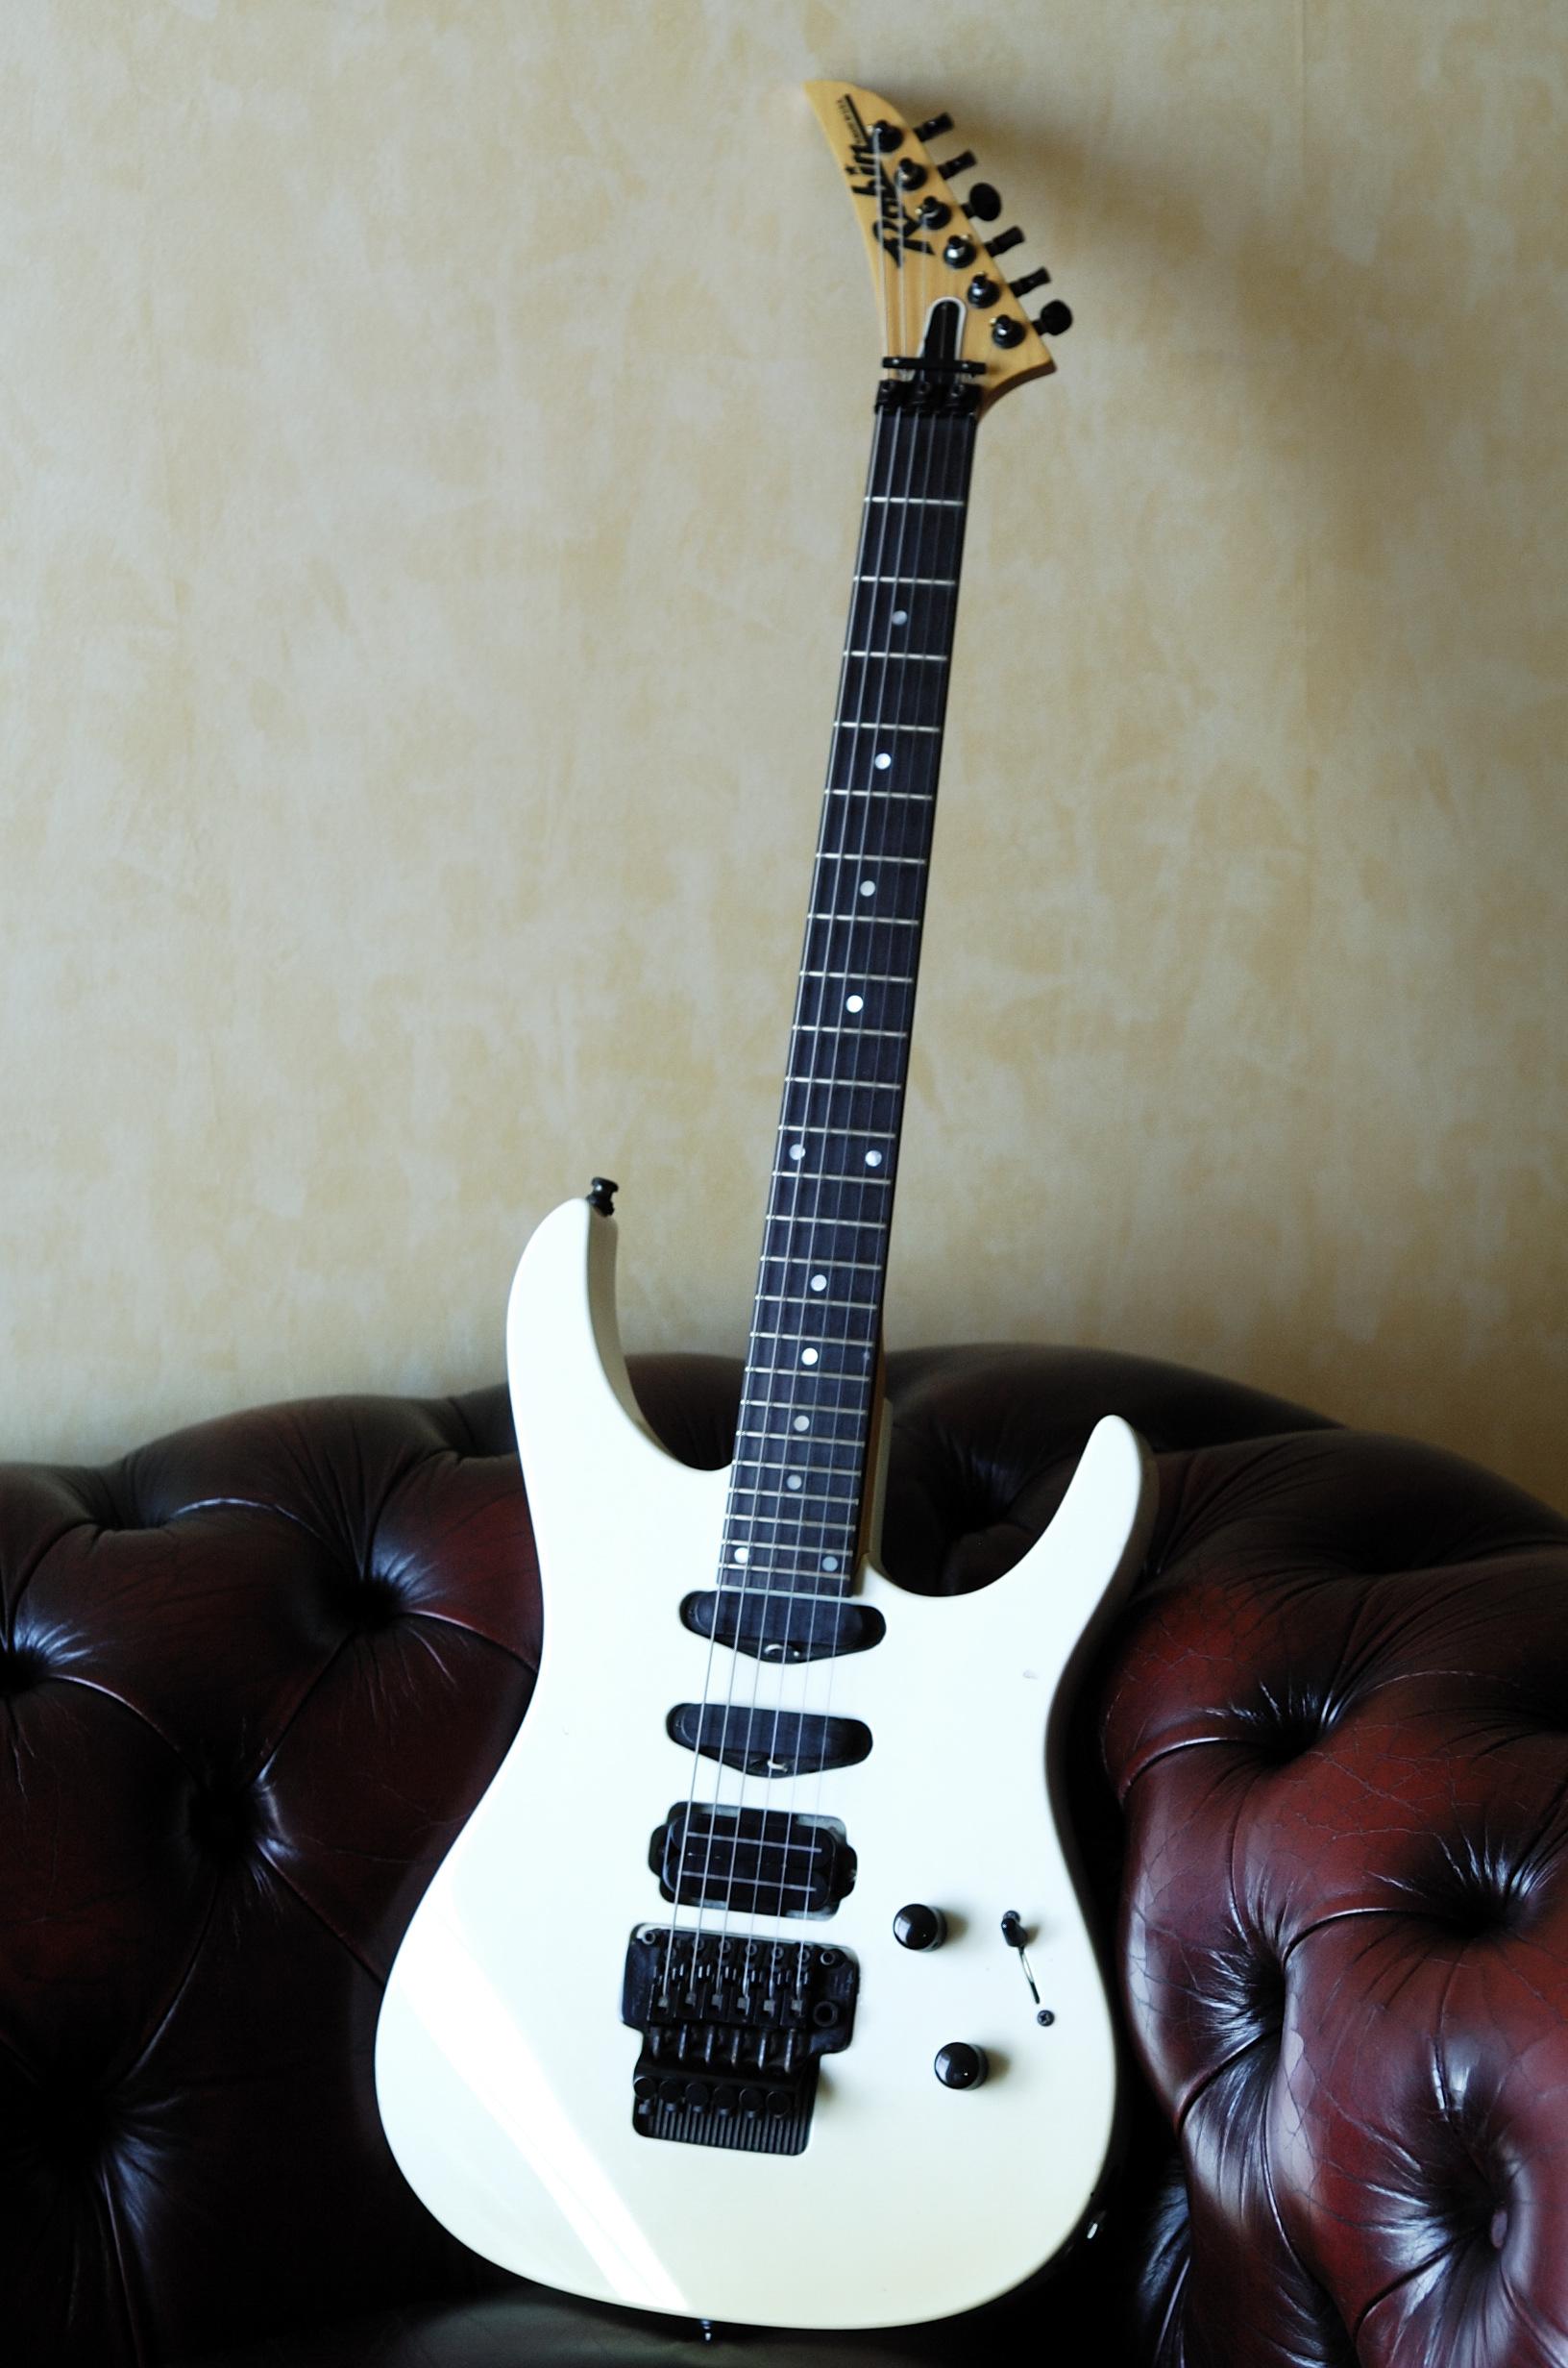 robin guitars medley image 579994 audiofanzine. Black Bedroom Furniture Sets. Home Design Ideas